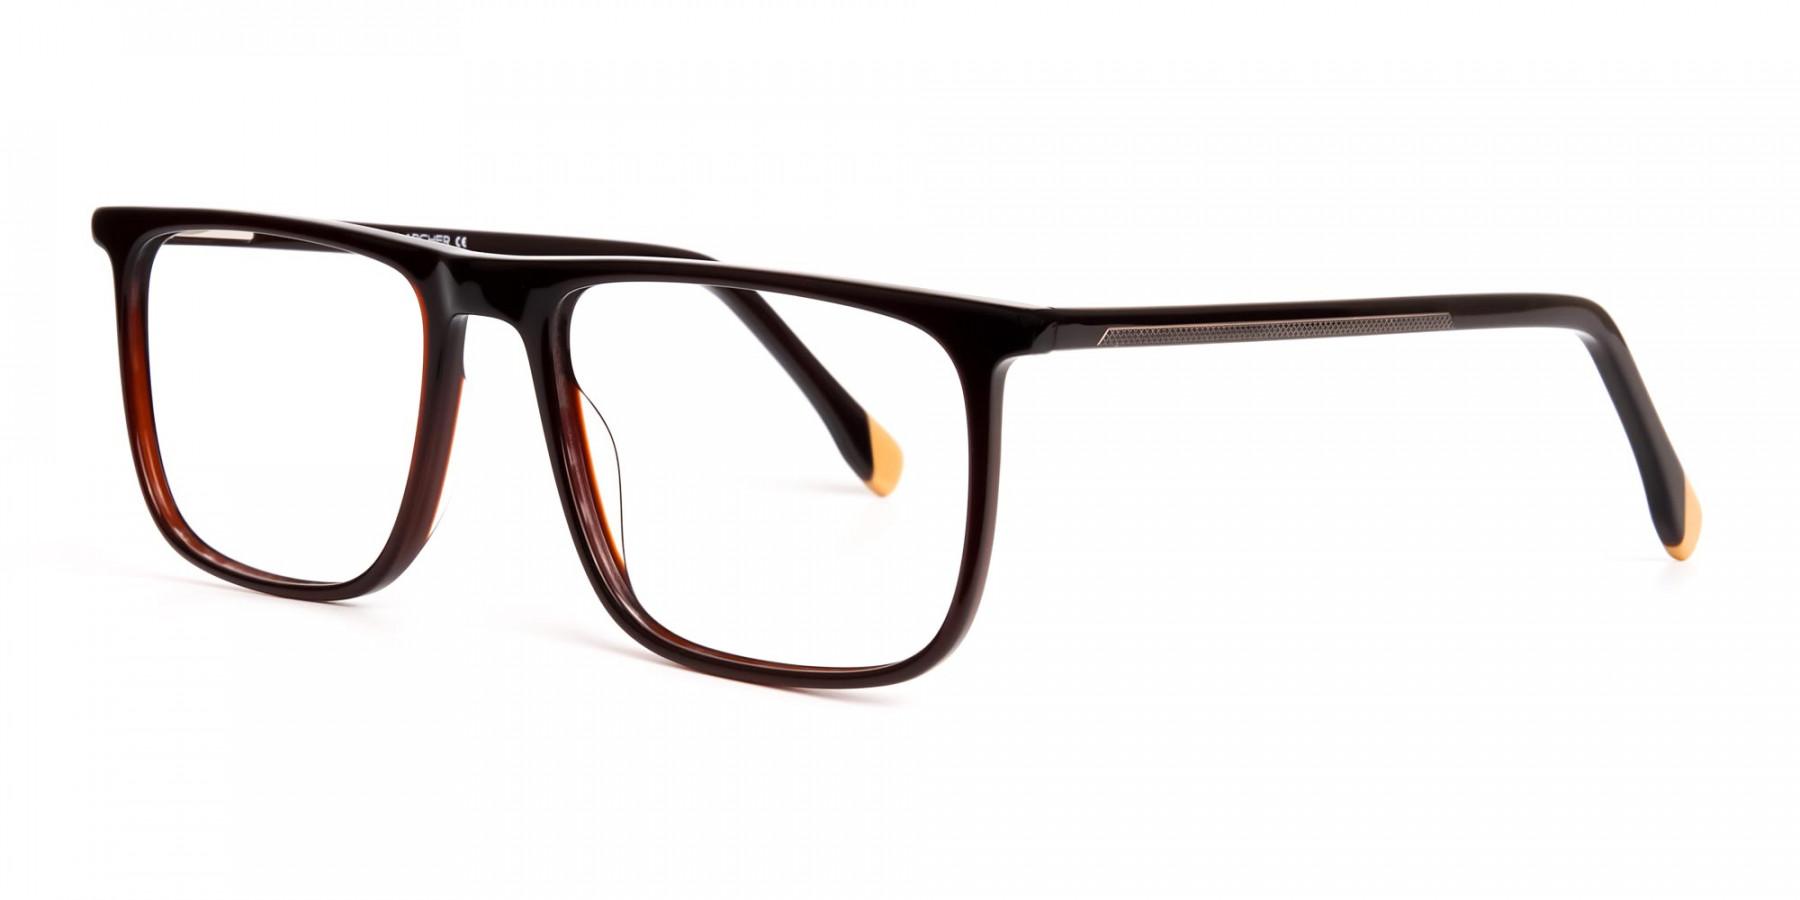 designer-brown-glasses-rectangular-shape-frames-1